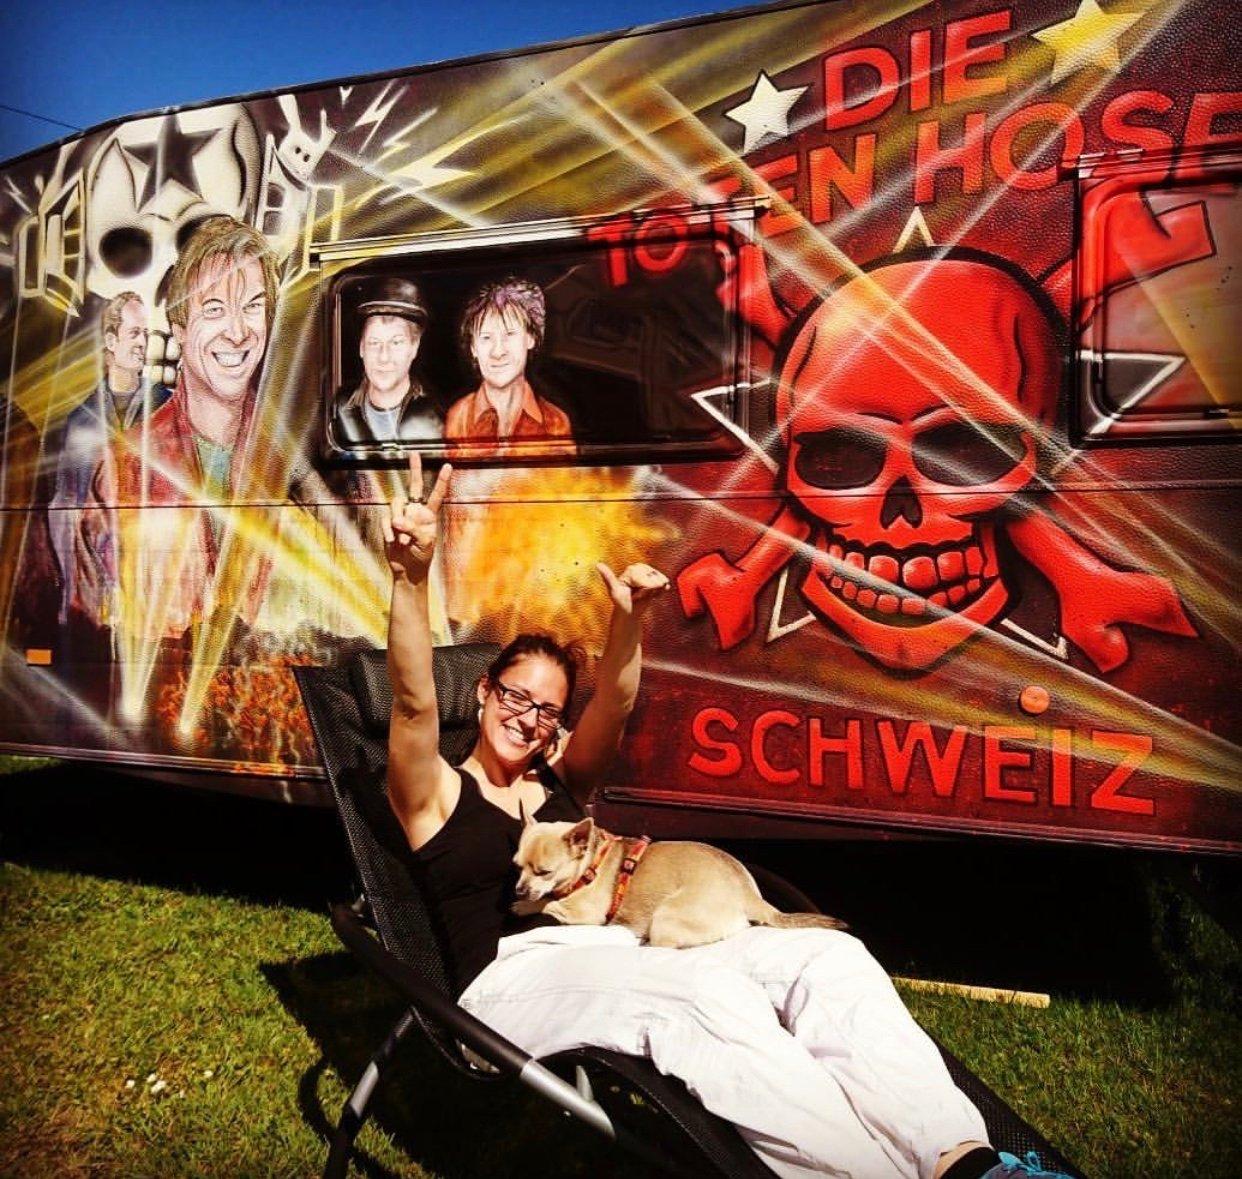 Domenika Hüsser wohnt im wohl auffälligsten Wohnwagen auf dem Platz.